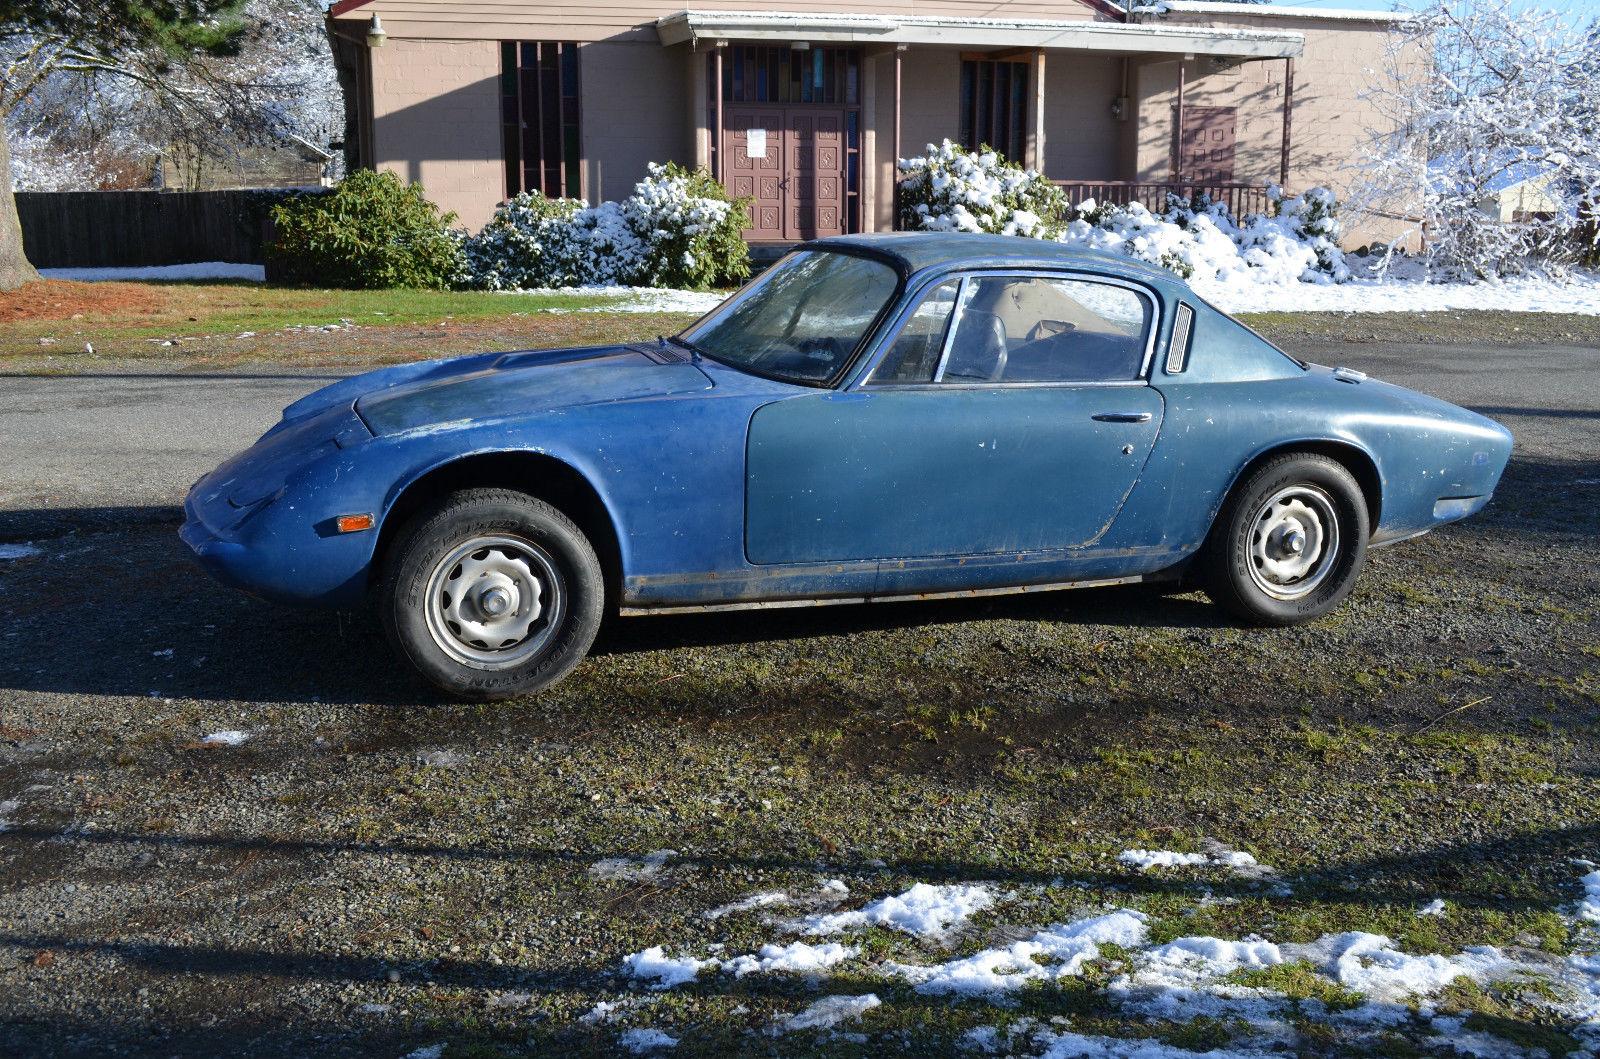 1969 Lotus Elan +2 classic british sports car coupe ...  1969 Lotus Elan...